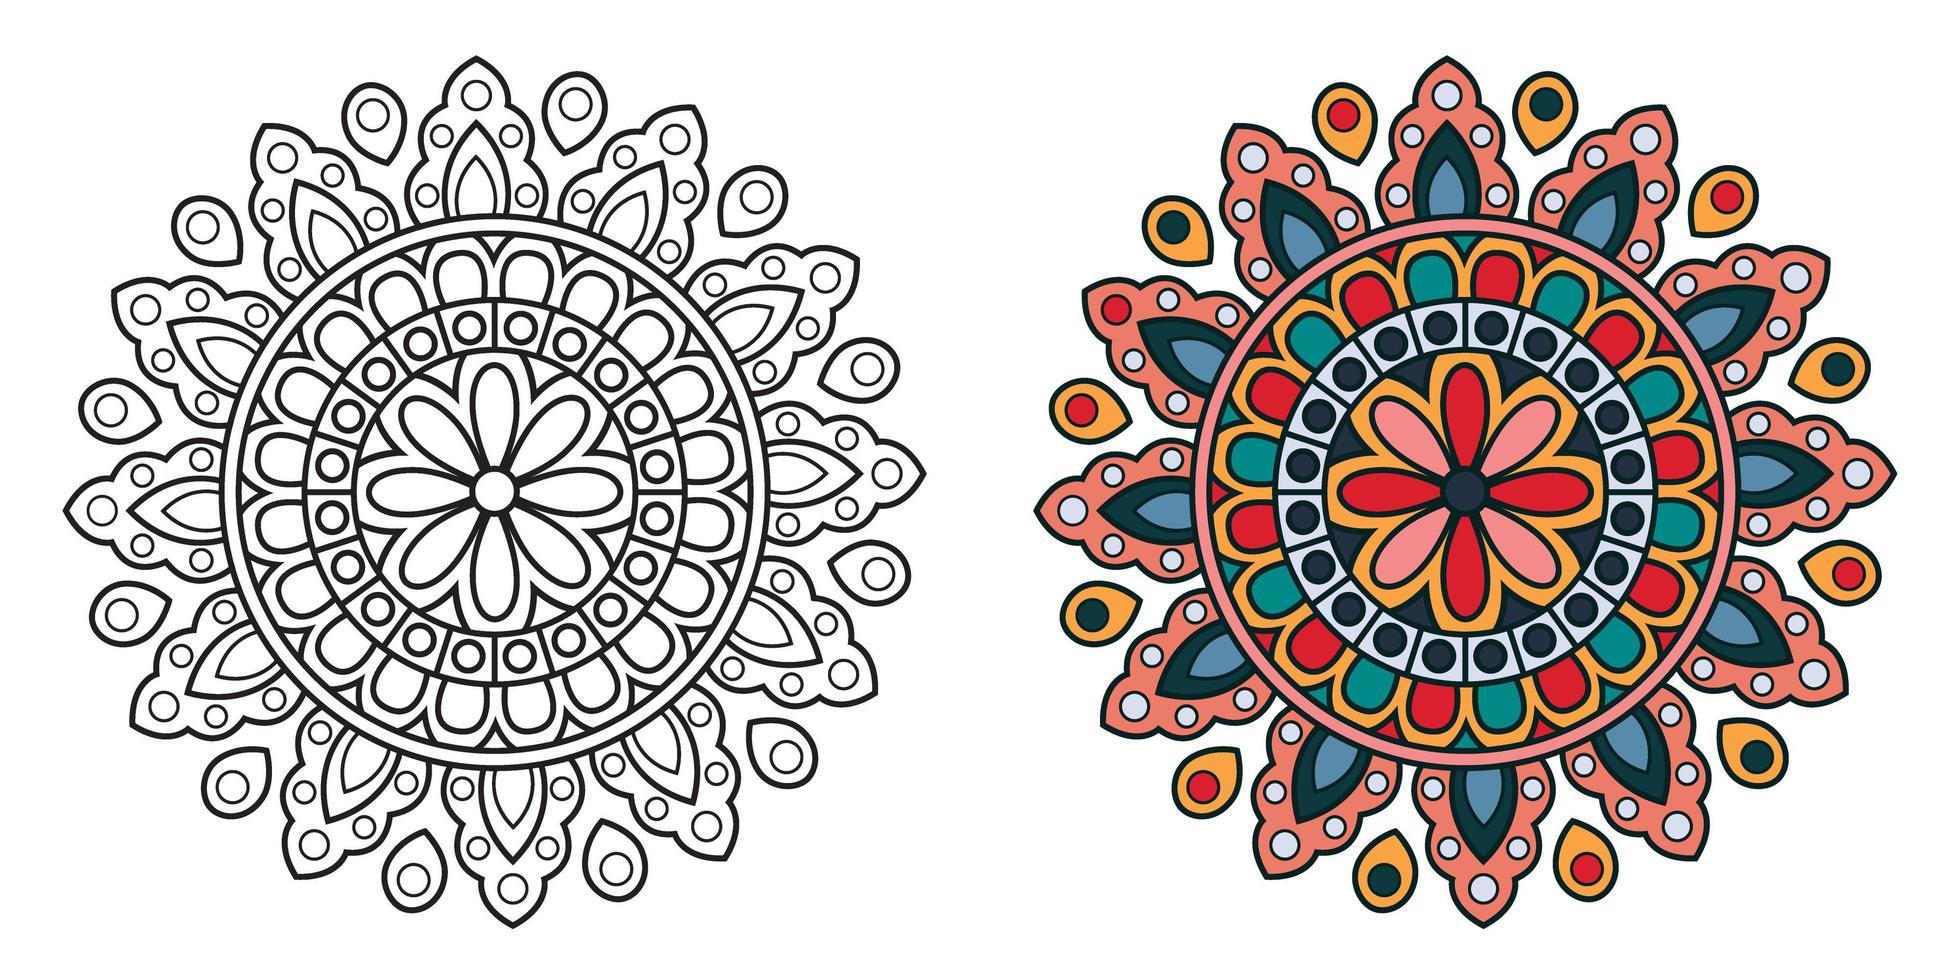 mandala decorativa de coloração circular vetor